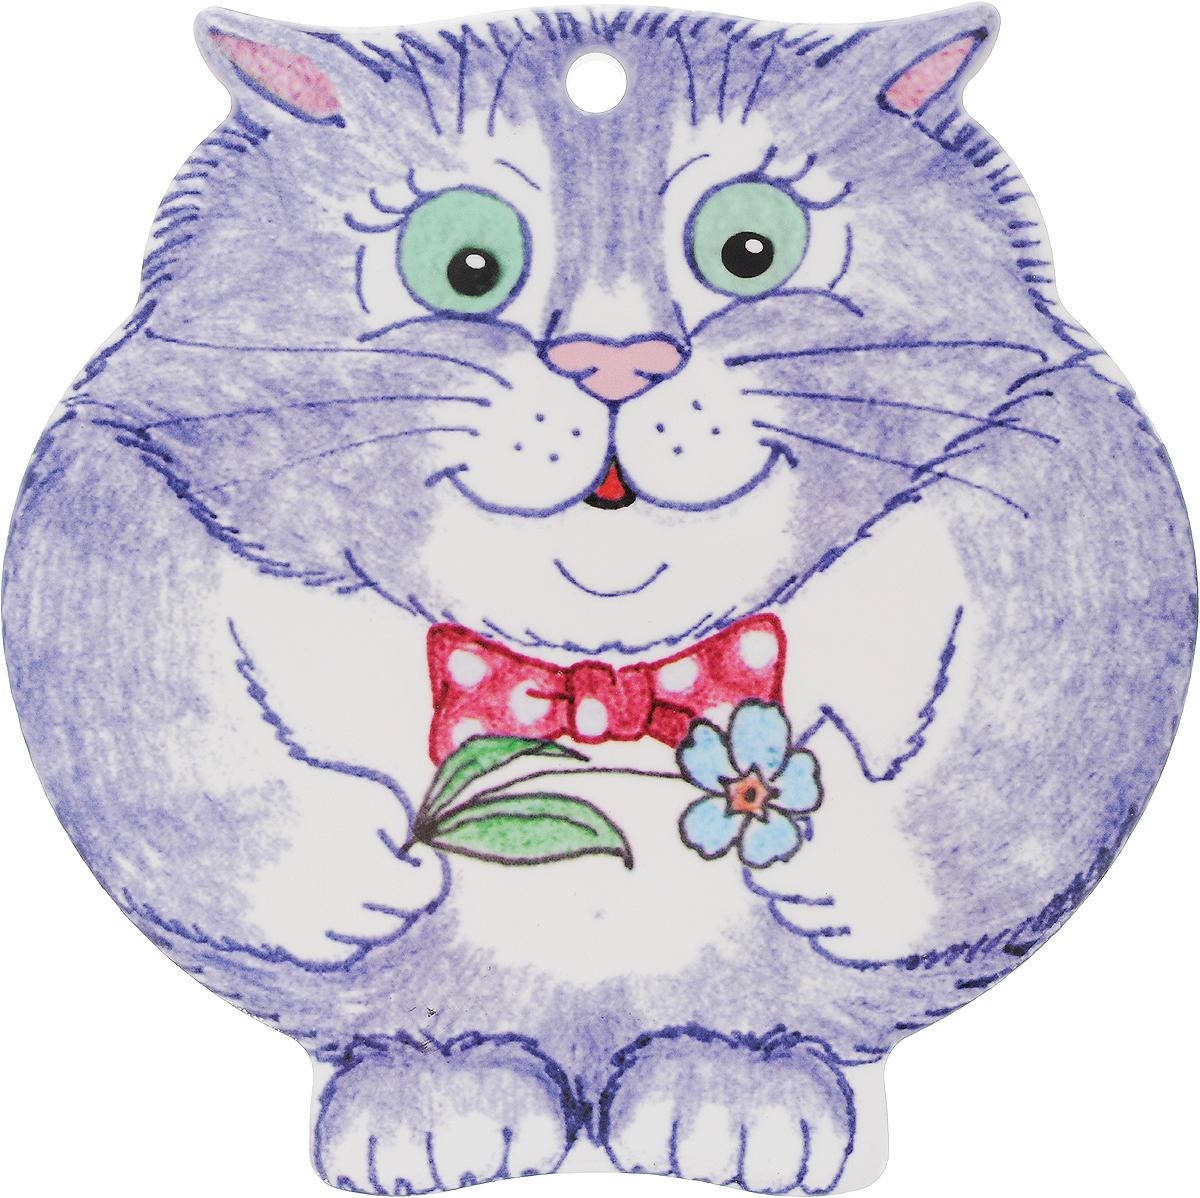 Подставка под горячее GiftnHome Серый кот с бантом и цветком, 20 х 20 смКотСерый Кот_бант/цветокКерамическая подставка GiftnHome Серый кот с бантом и цветком предназначена для сервировки стола и для интерьерных решений. Подставка изготовлена из каменной керамики, она защищает поверхности от горячей посуды, следов пищи и влаги. Подставка имеет настенный крепеж, ее можно вешать, как настенное панно. Это современный функциональный аксессуар - предмет повседневного обихода, создающий настроение. Дно подставки имеет подкладку из натуральной пробки - это защитит вашу мебель от царапин. Размер подставки: 20 х 20 х 0,8 см.